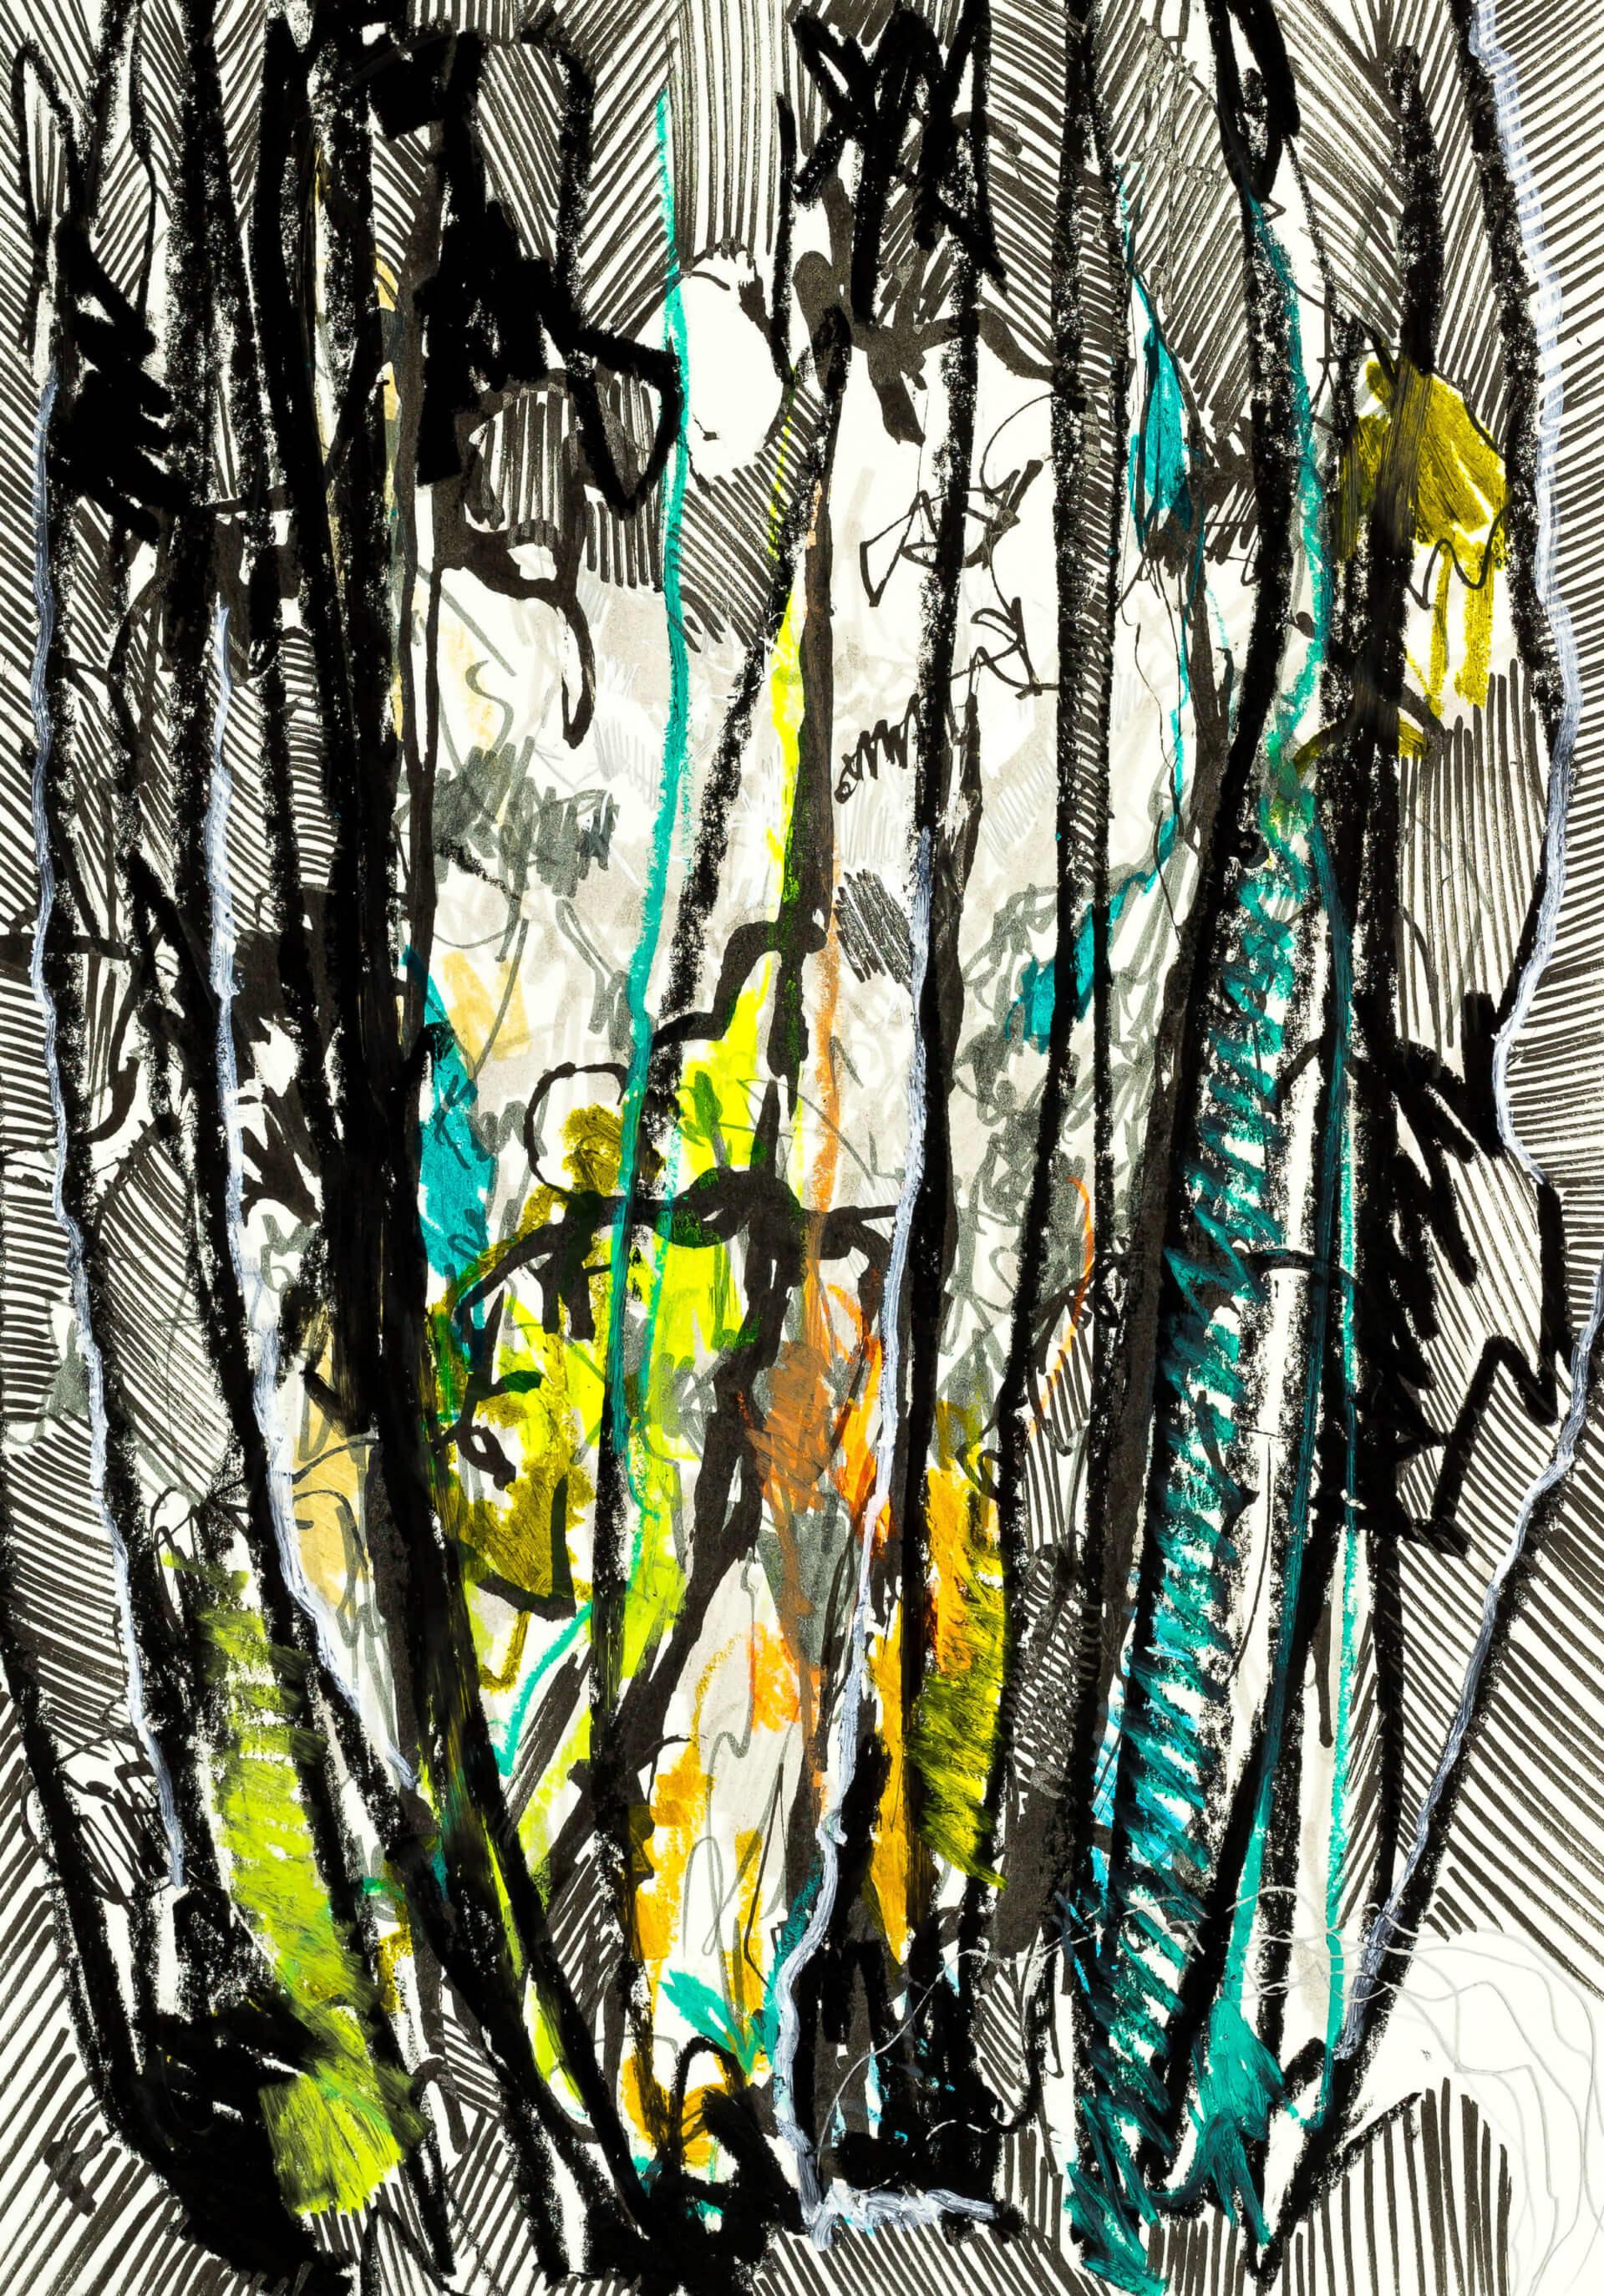 Katharina Albers, Wald XXXIV, 2016, Ölkreide, Fineliner, Graphit, Buntstift, Aquarell auf Papier, 29,7x21 cm